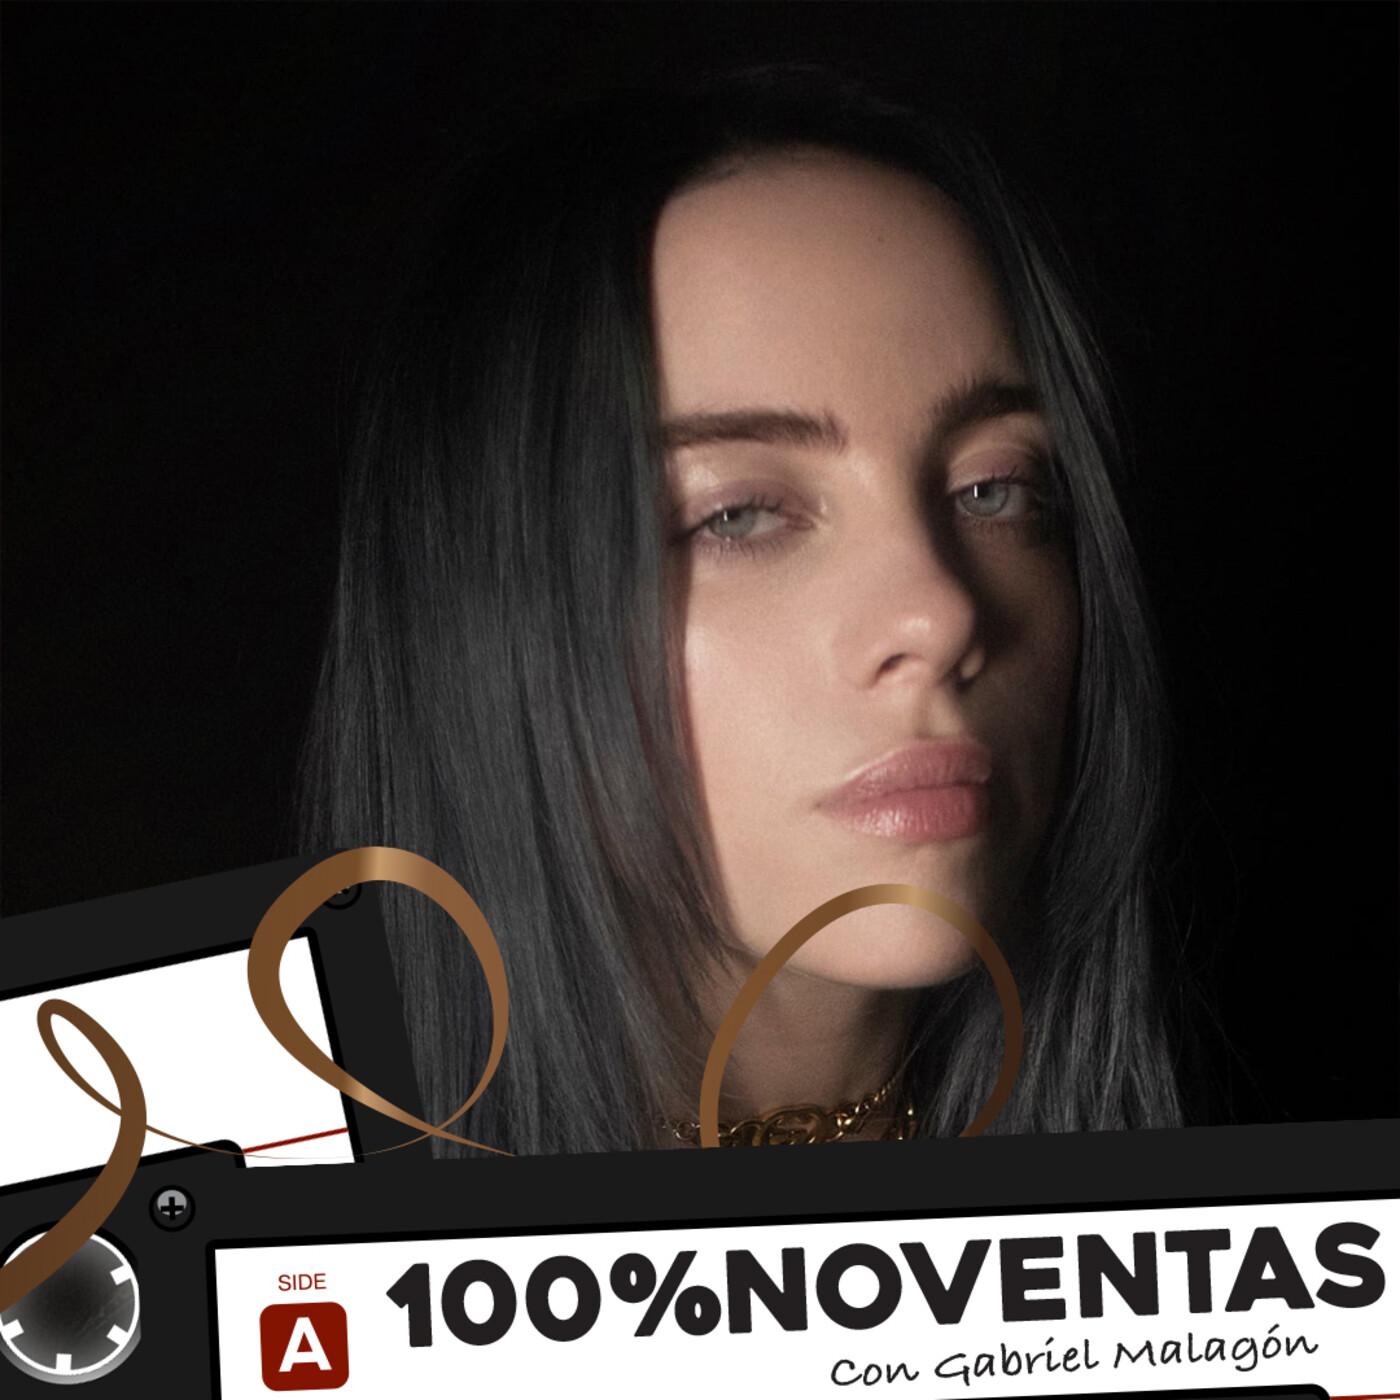 T6x02 - 100x100 NOVENTAS